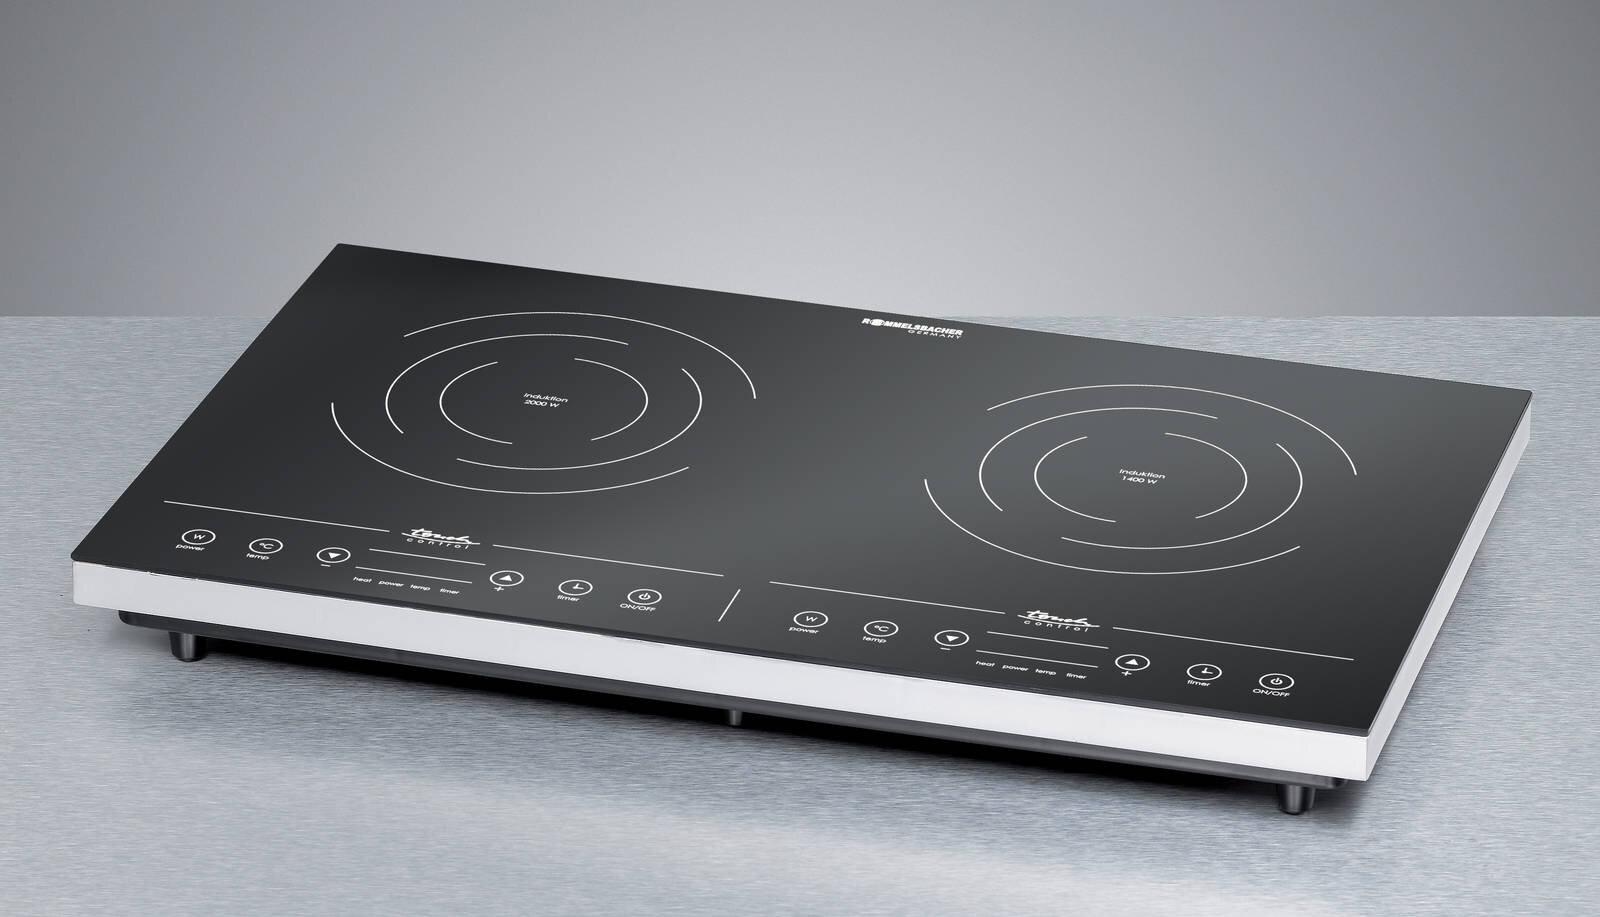 So sánh bếp điện từ Chefs EH-MIX311 và bếp điện từ đôi Rommelsbacher CT3410